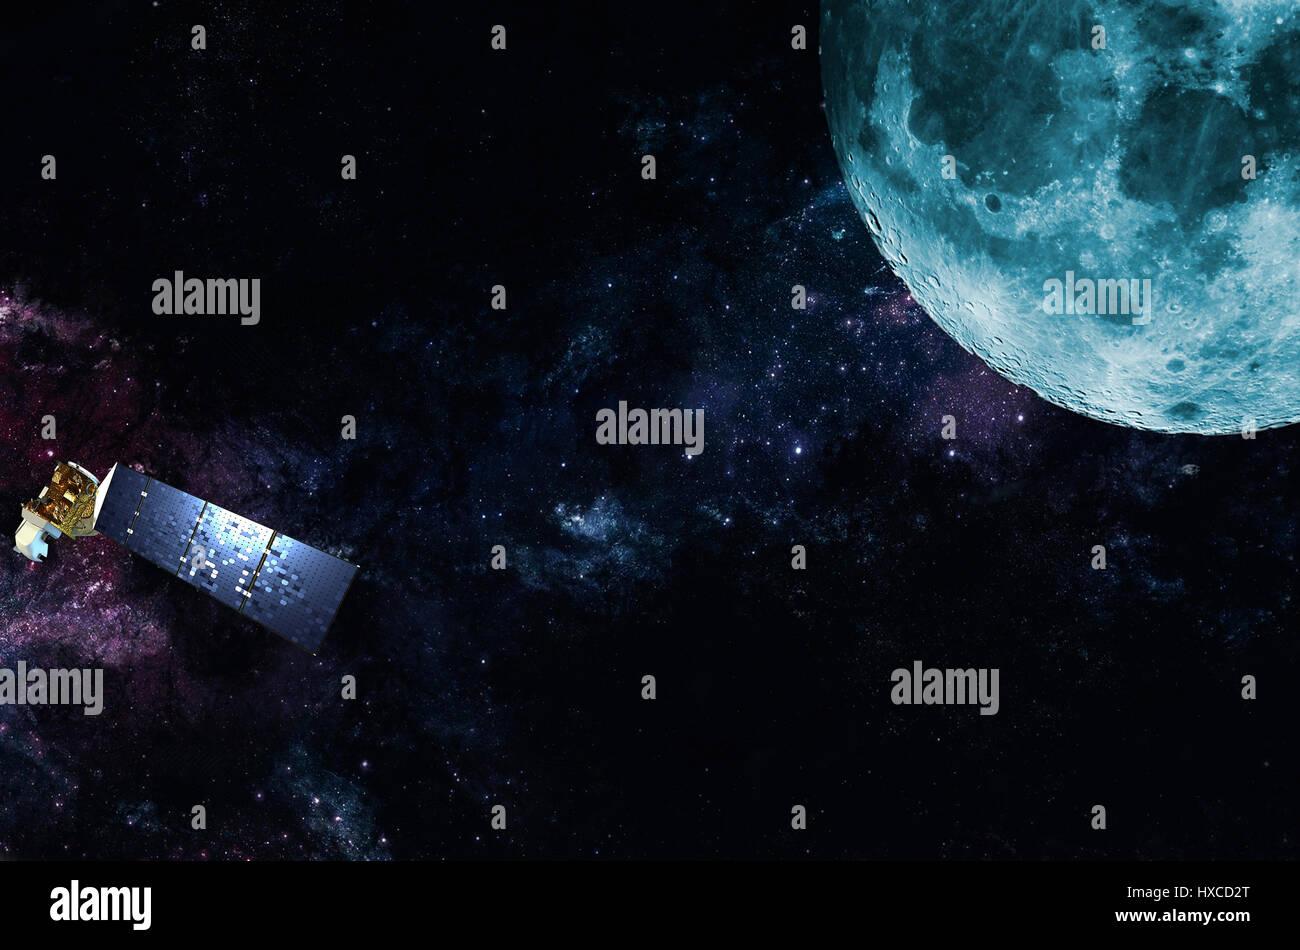 Explorar y transmisión de satélite en órbita alrededor del planeta Tierra Imagen De Stock